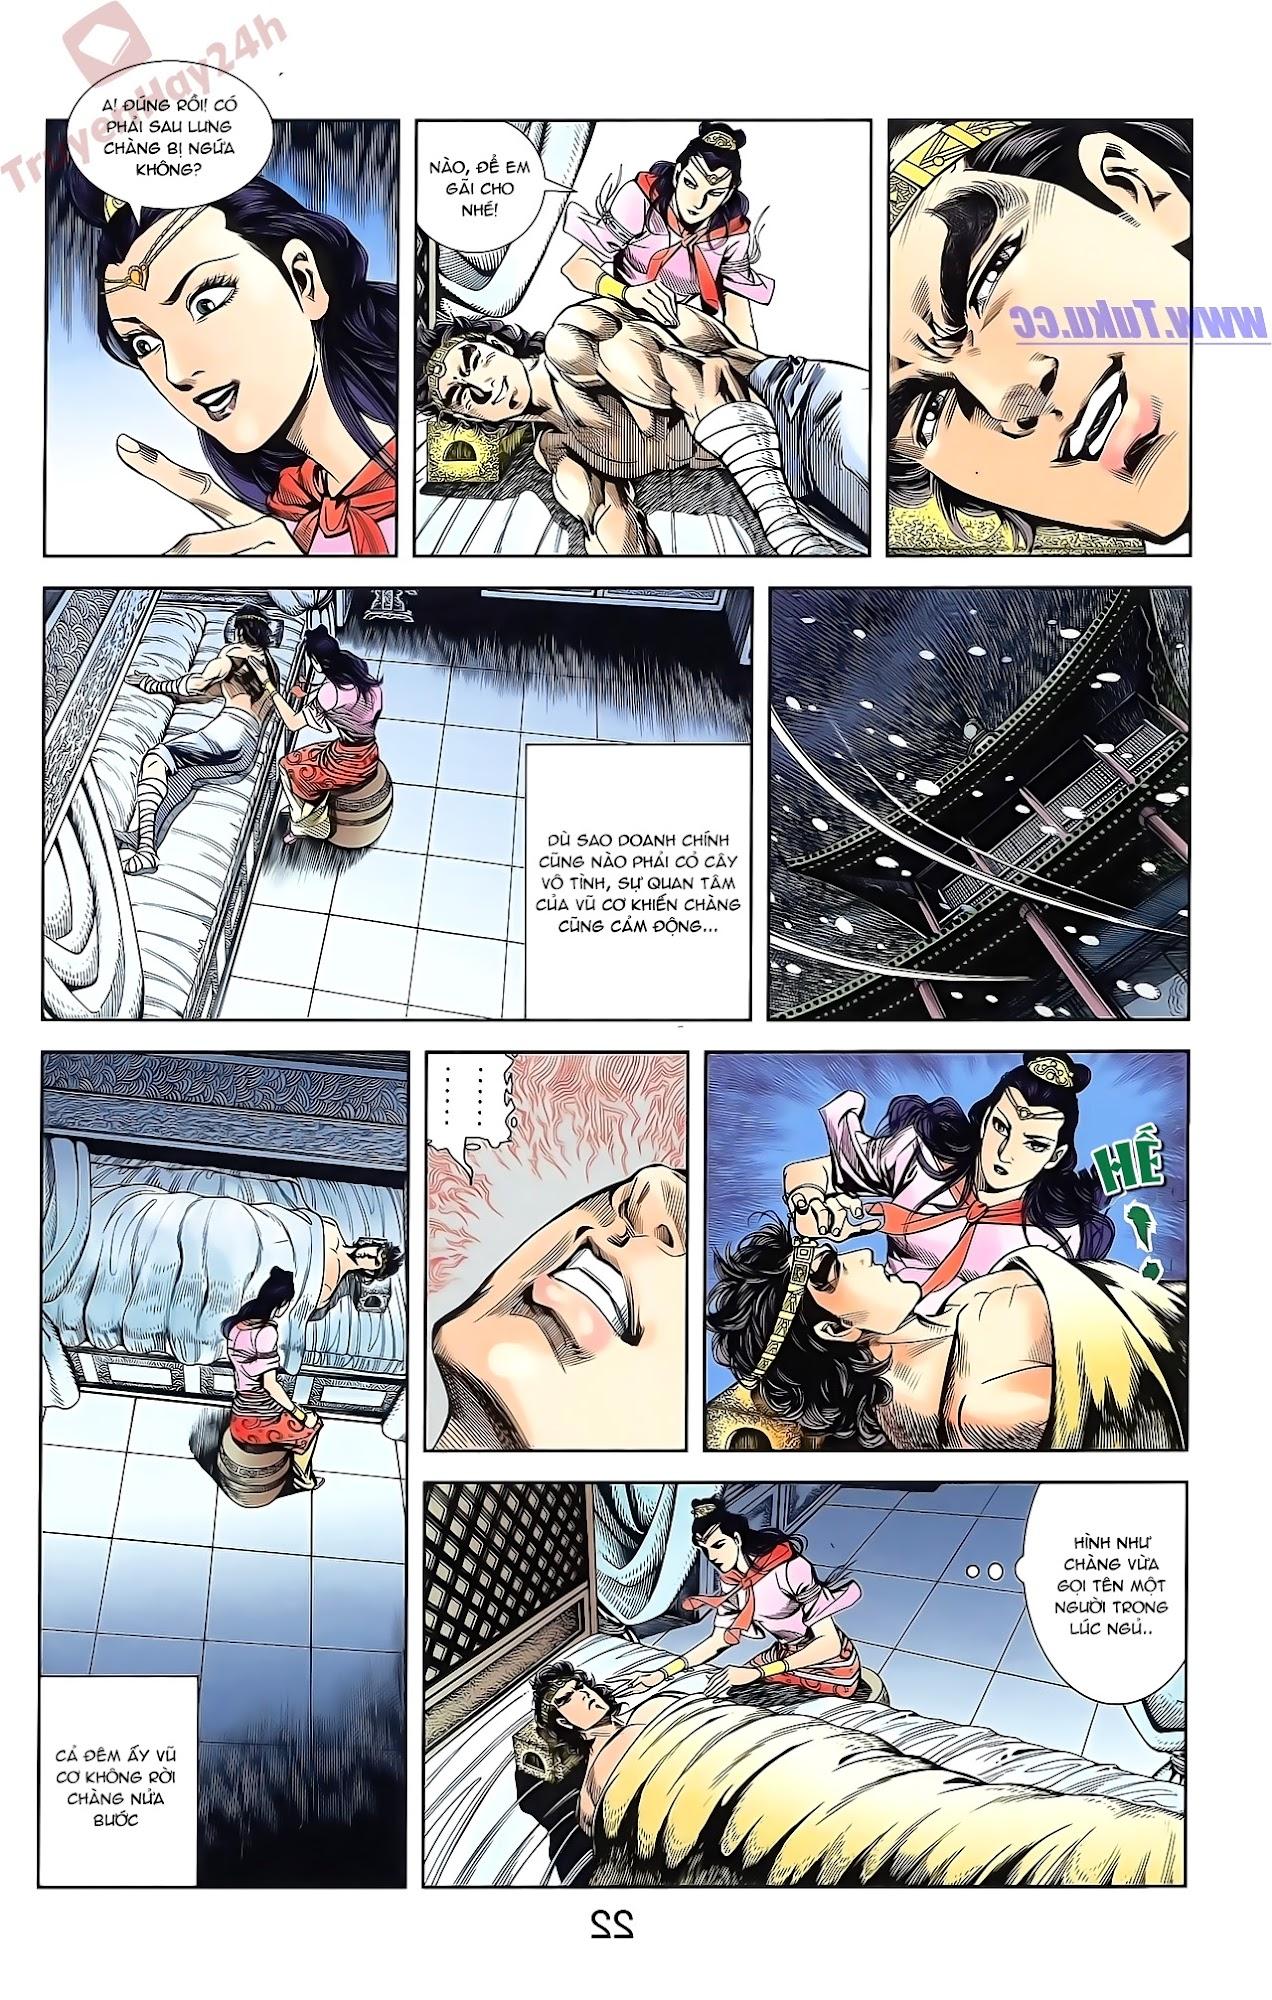 Tần Vương Doanh Chính chapter 50 trang 22